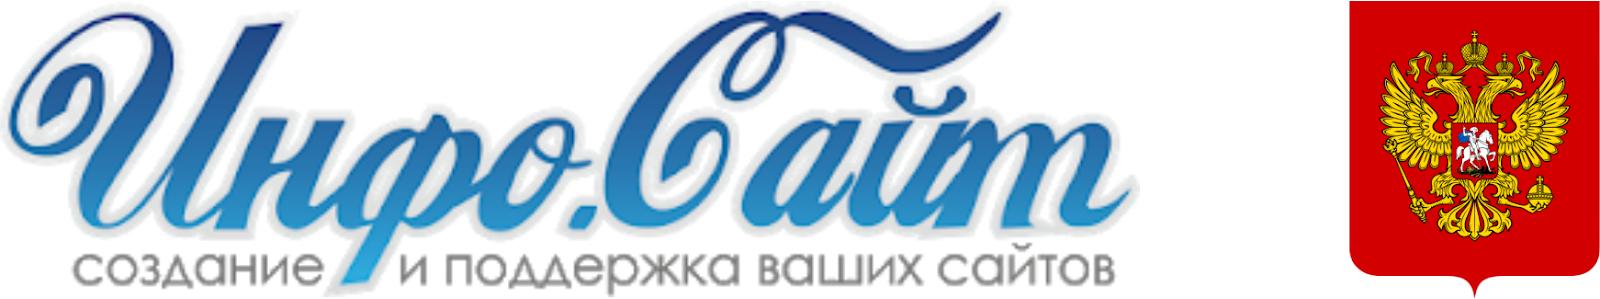 Инфо.Сайт 🌍 РОССИЯ : Новости и Веб-сайты России